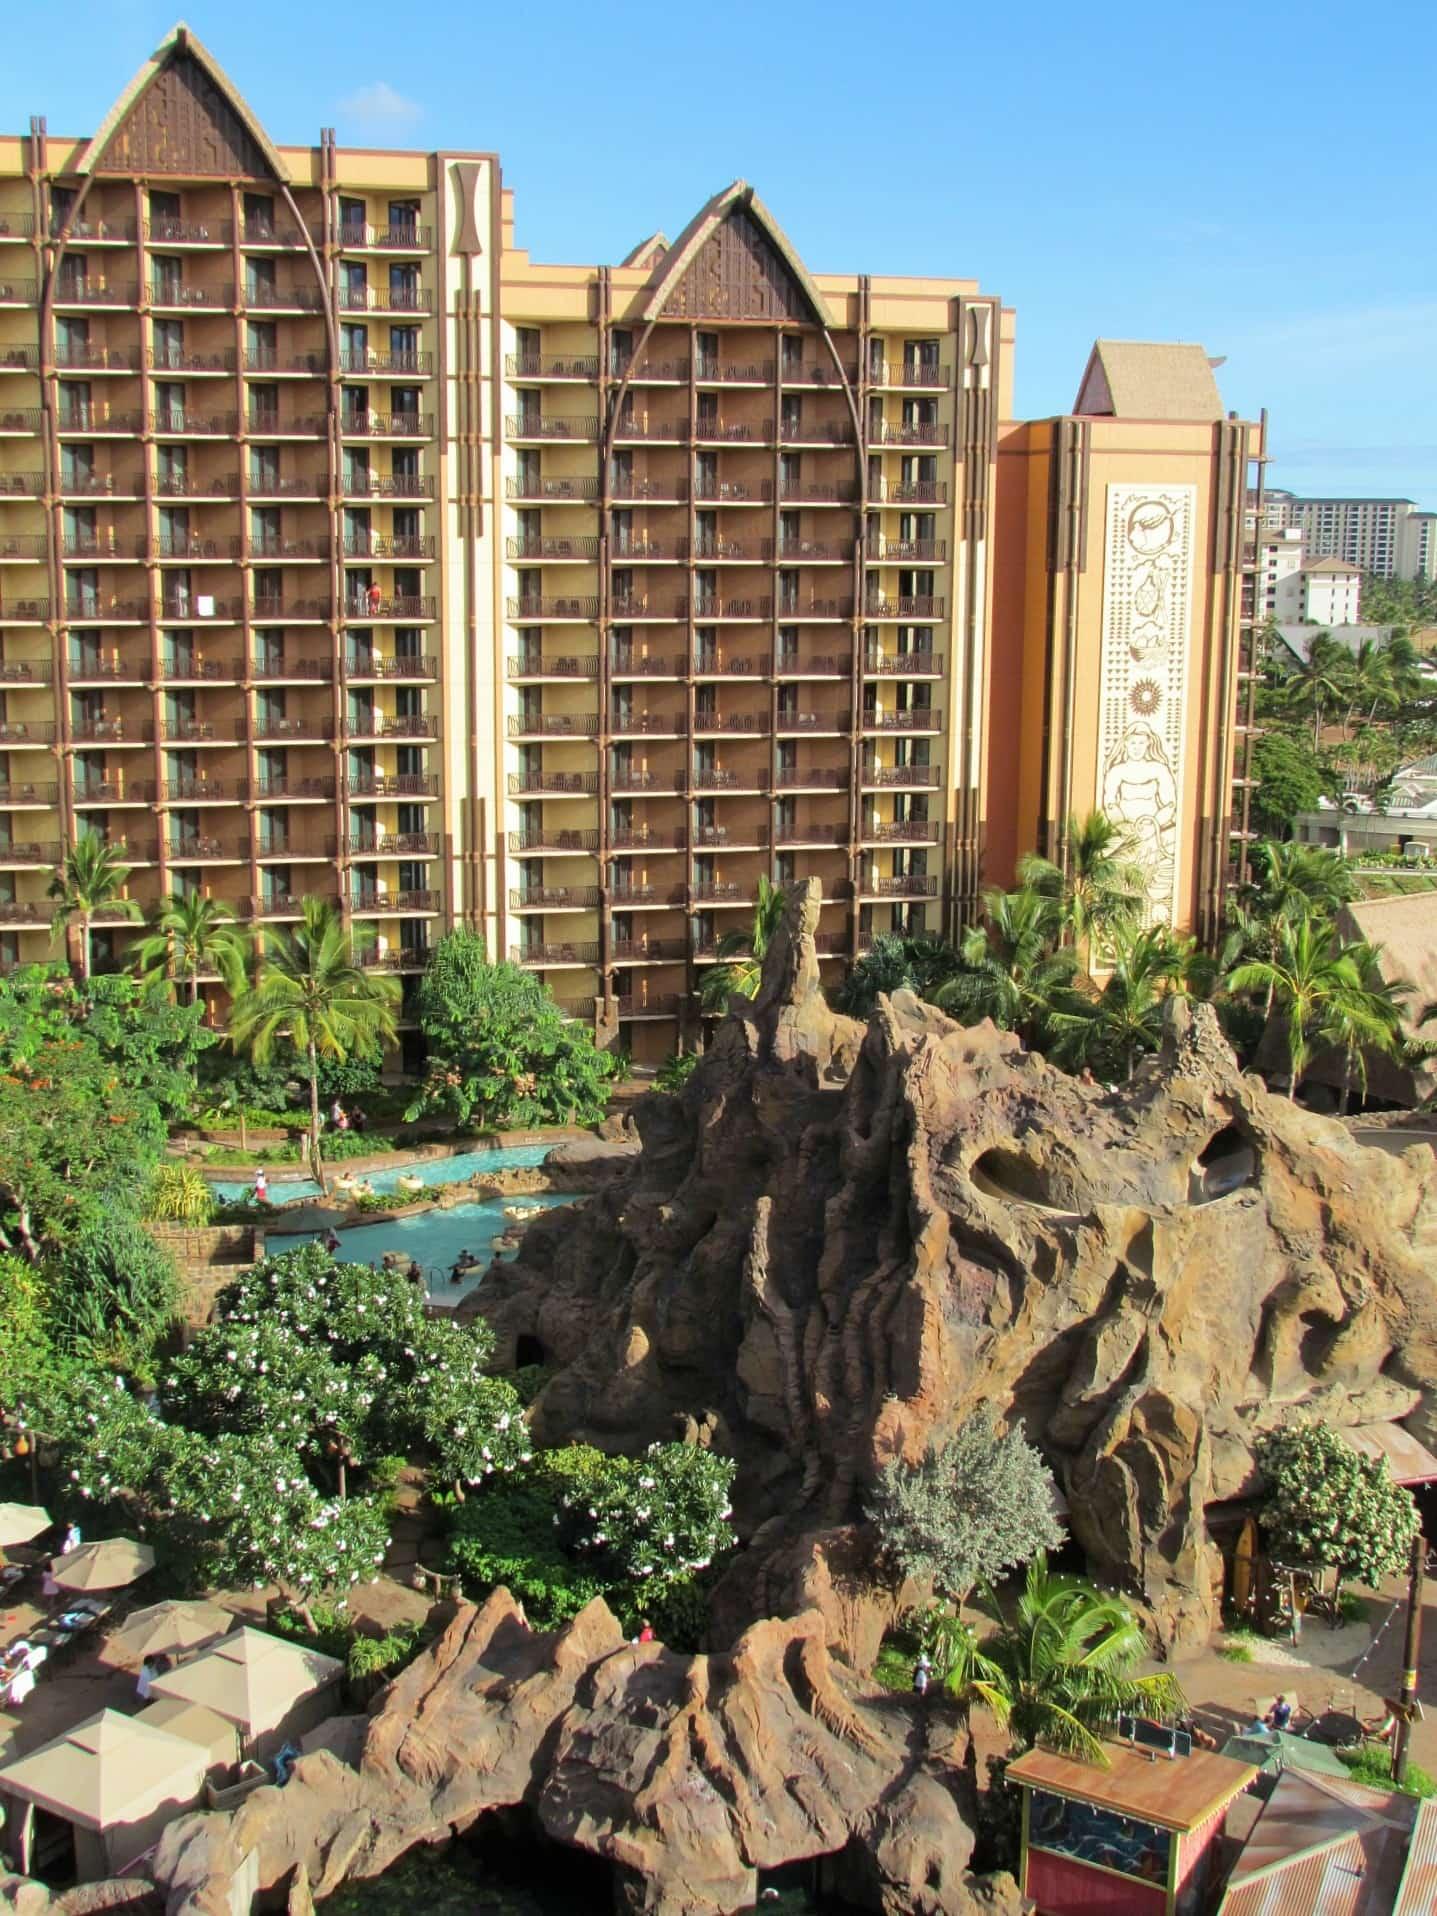 Disney's Aulani Resort on Oahu, Hawaii